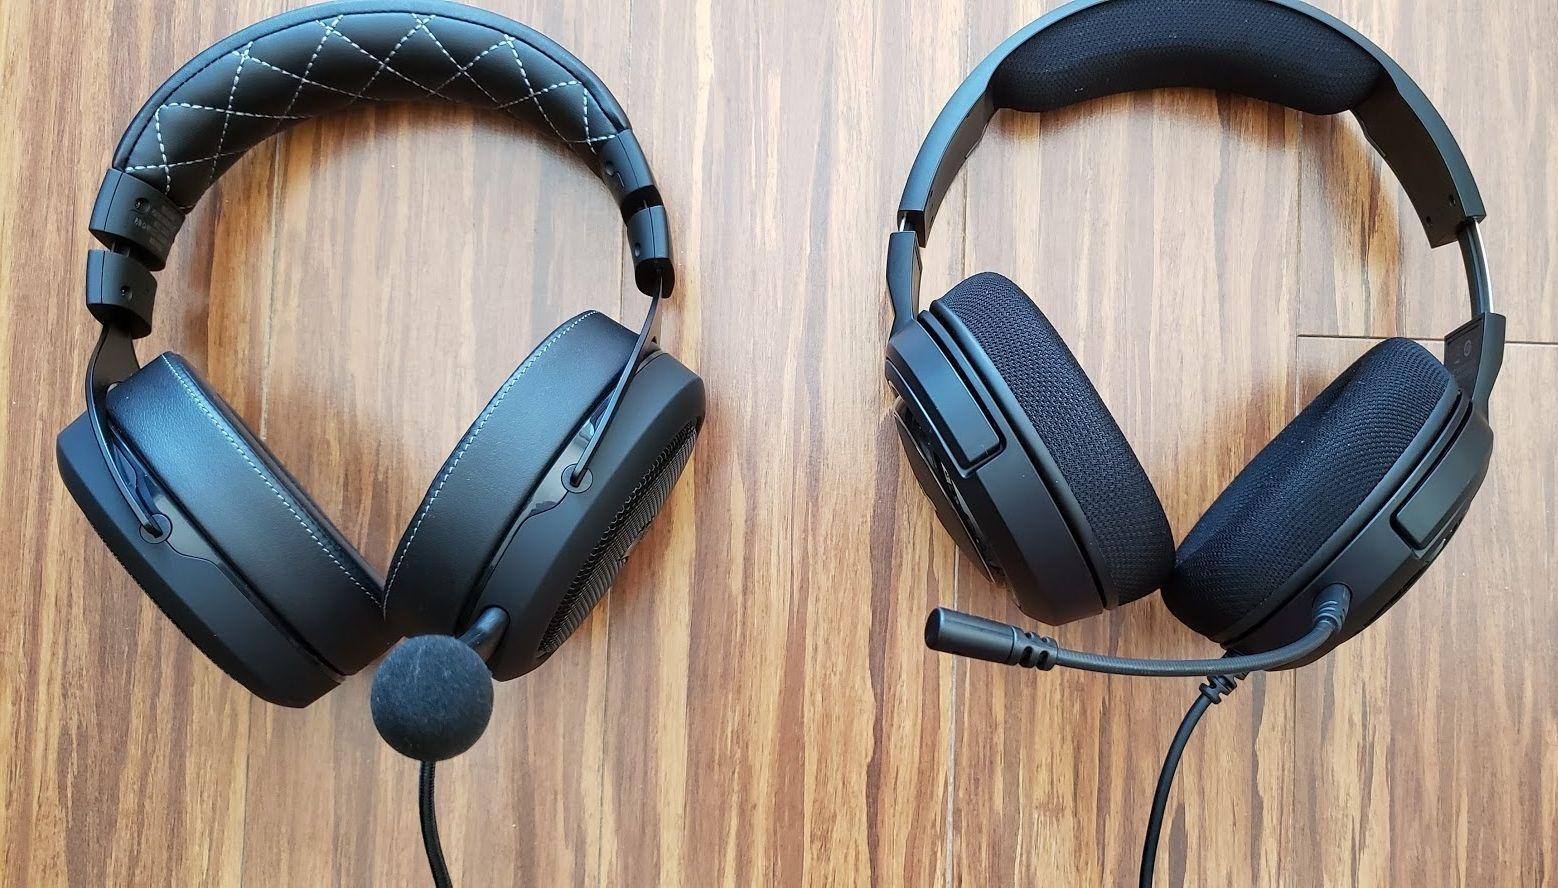 des casques de jeu HS35 et HS60 de Corsair